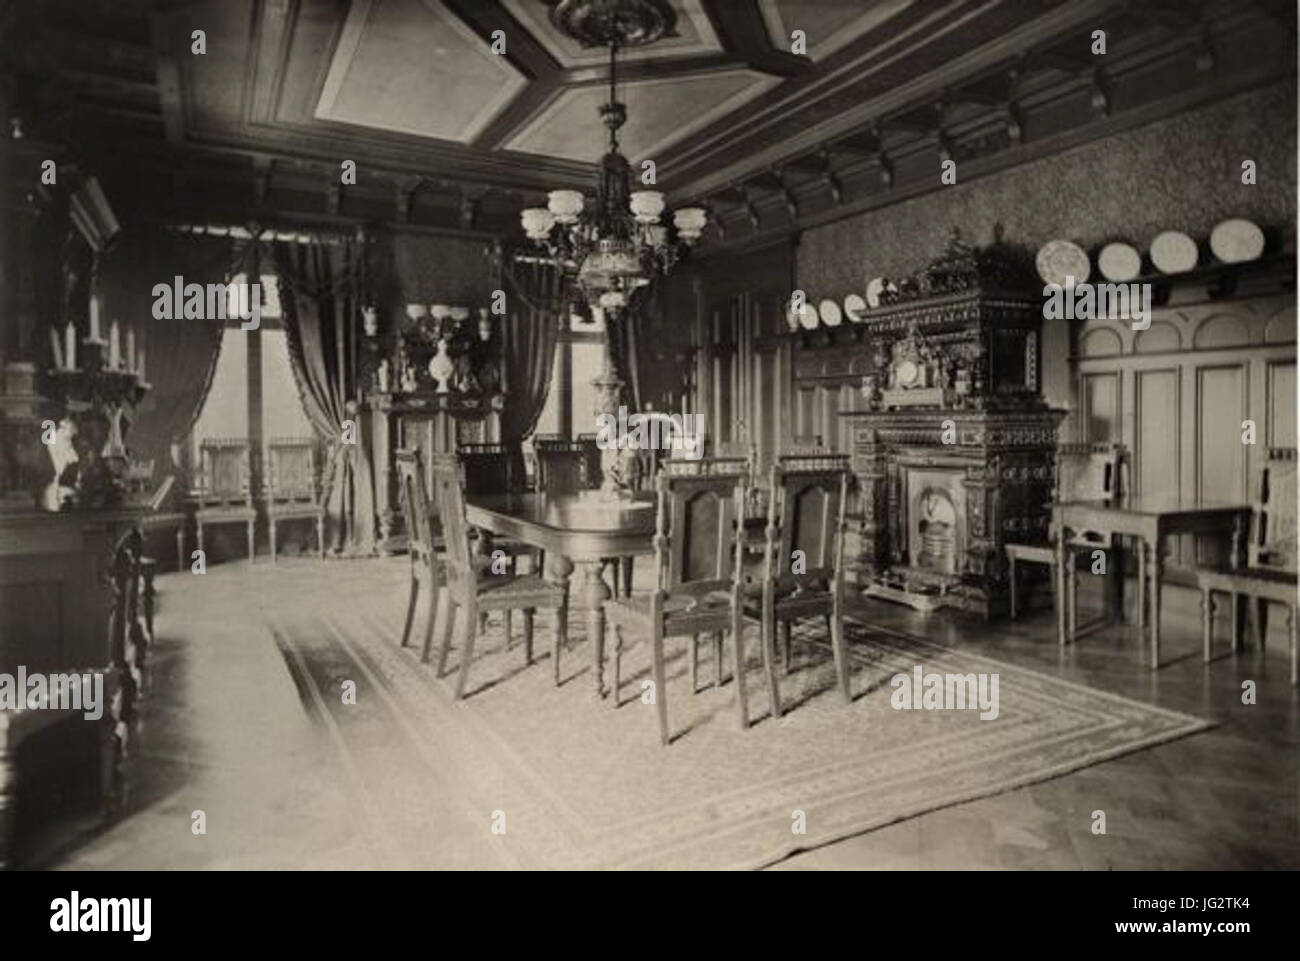 Konsul Perssons villa interiör 1886 matsal - Stock Image